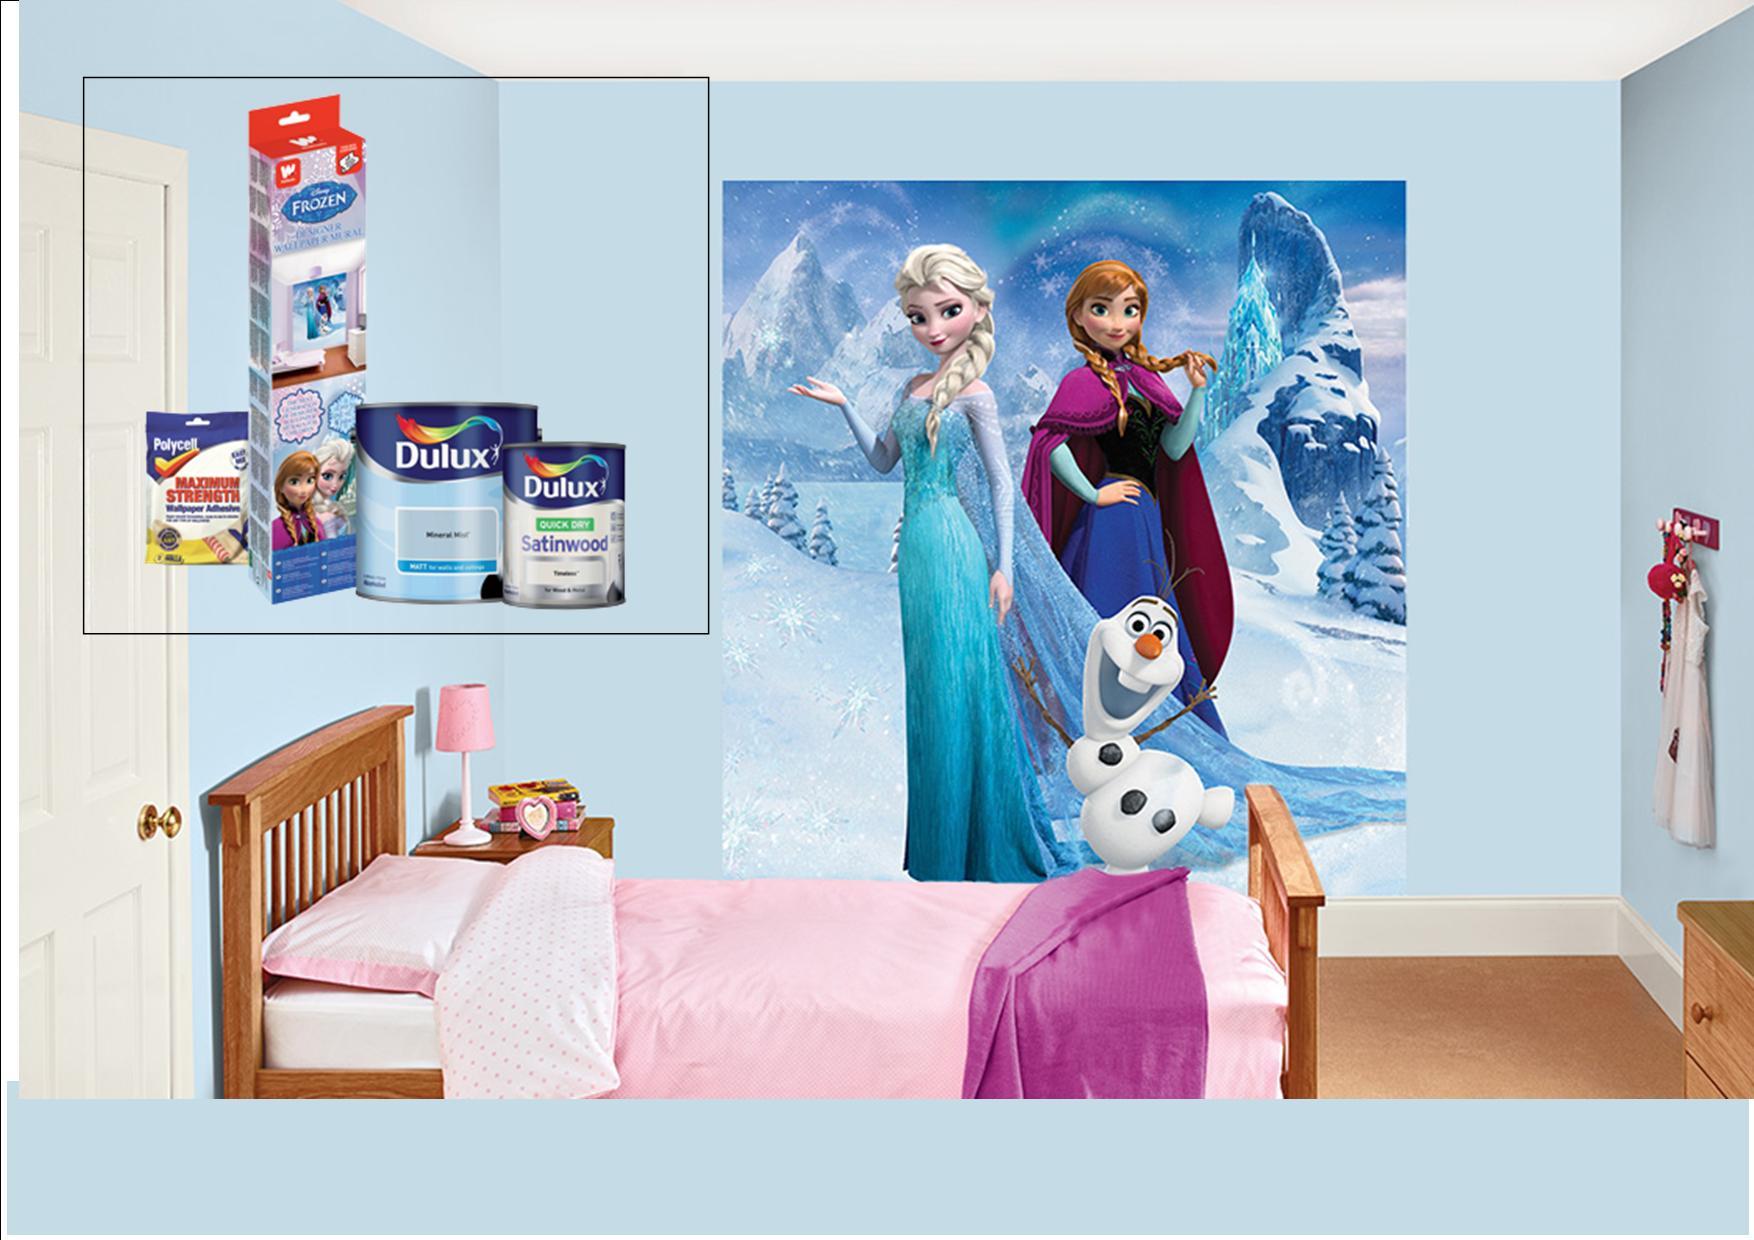 Dulux Zestaw Bedroom In A Box: Dulux Wallpaper Canada